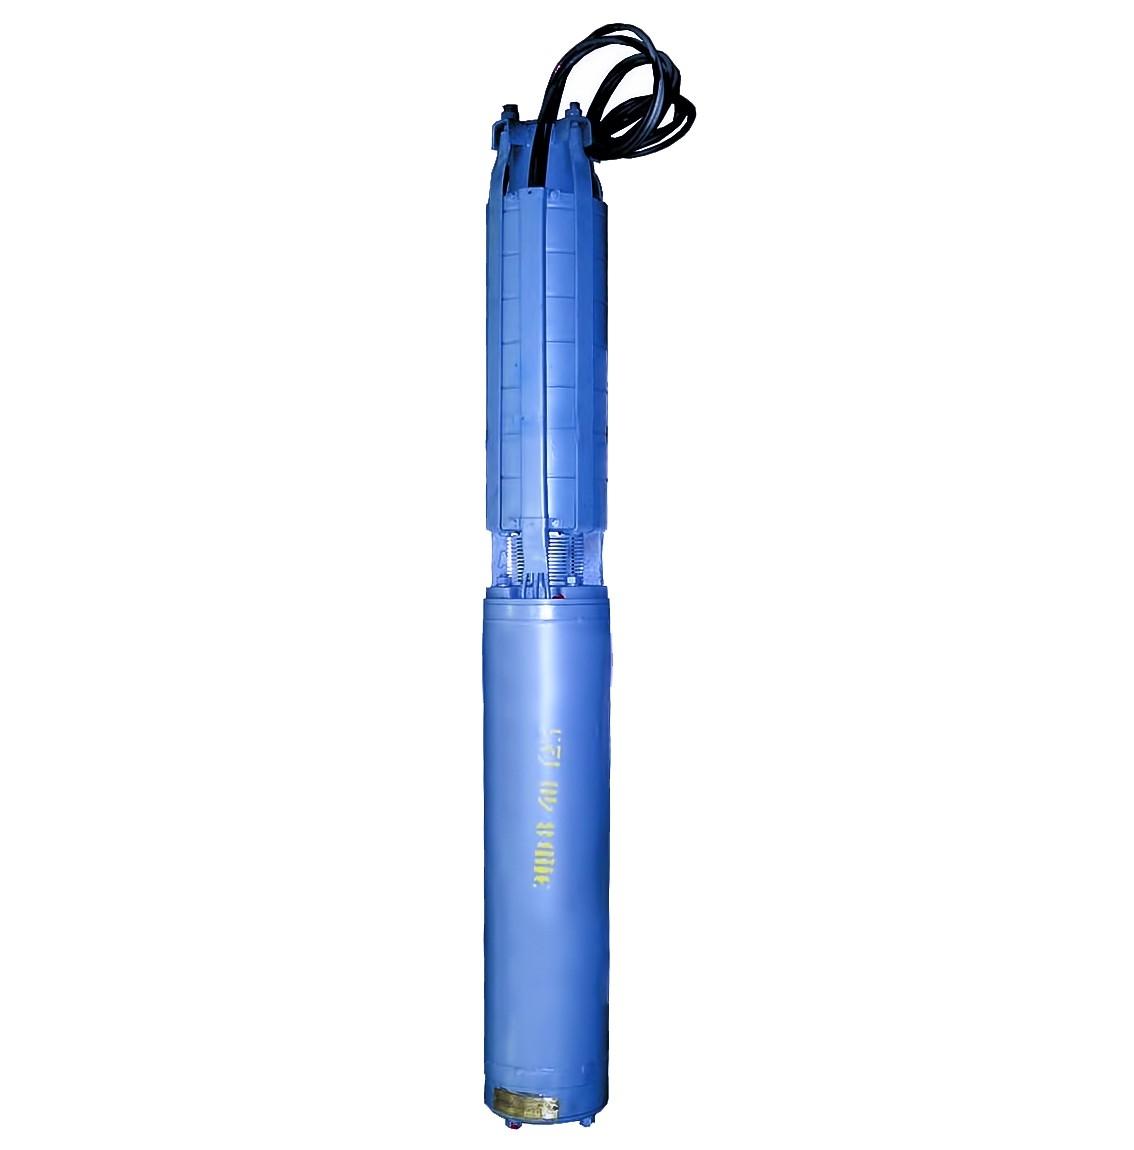 Погружной насос ЭЦВ 6-10-160 армлен